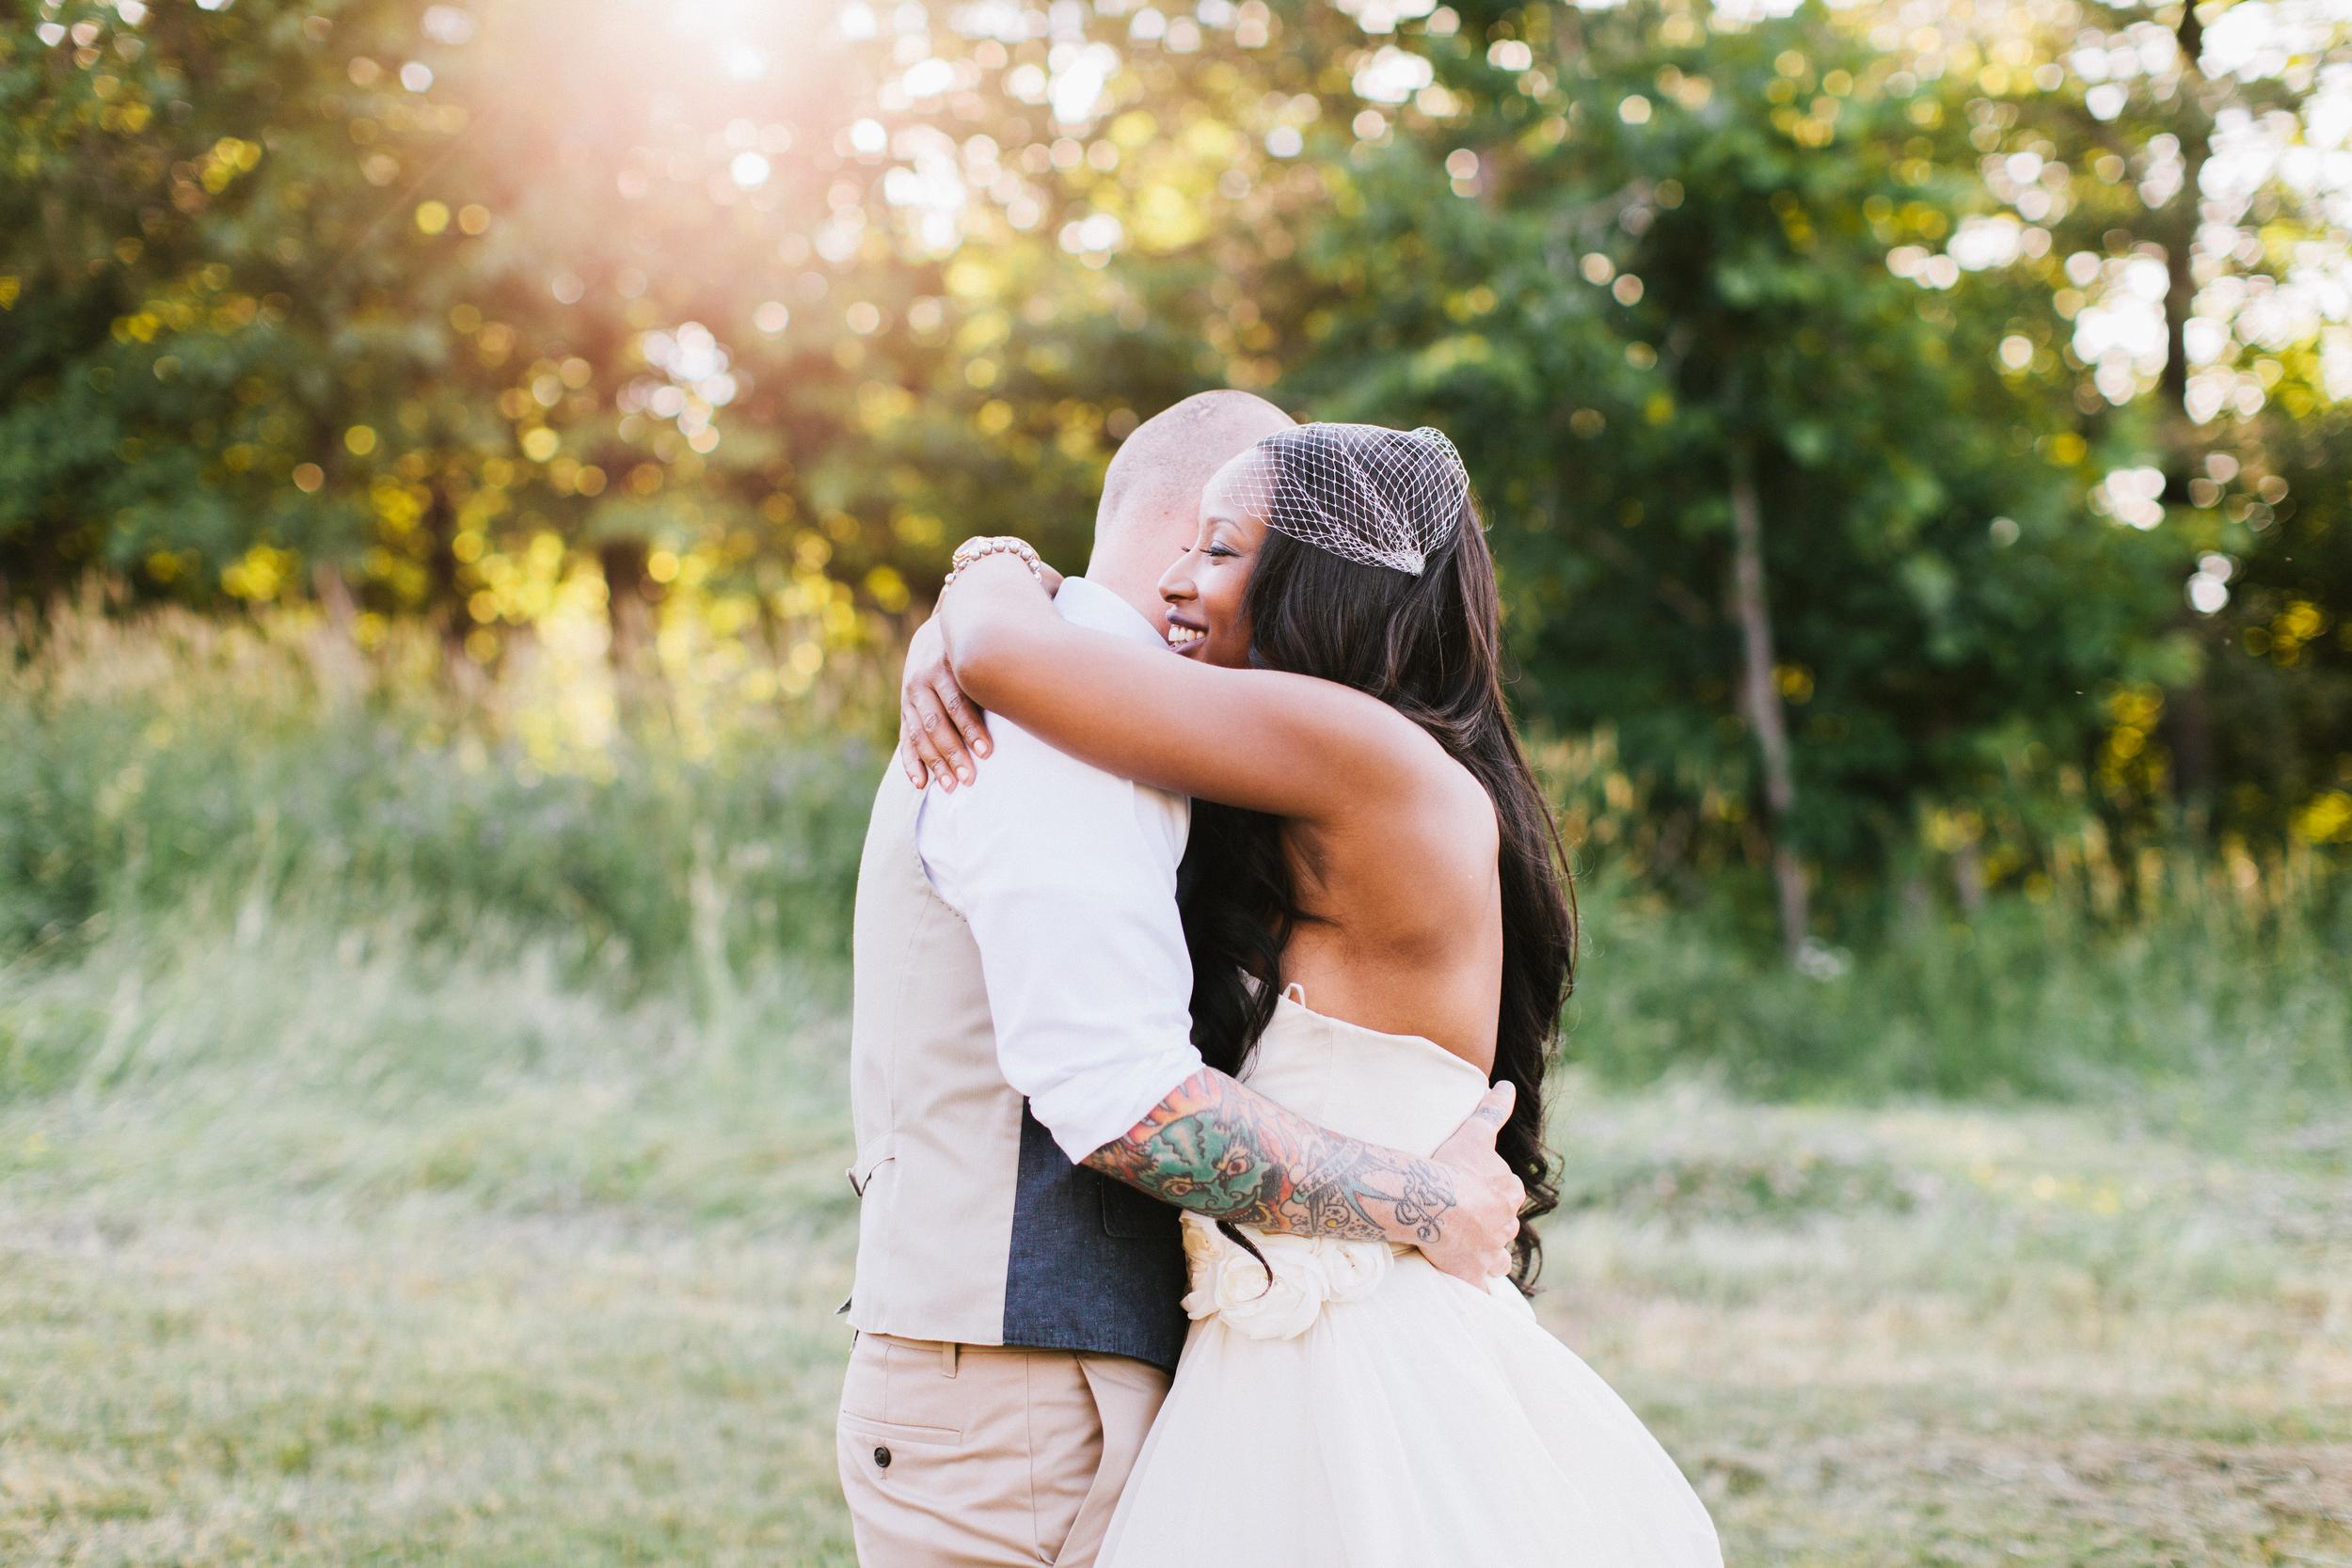 michael-rousseau-photography-shannae-ingleton-wedding-sean-craigleith-ski-club-wedding064.jpg